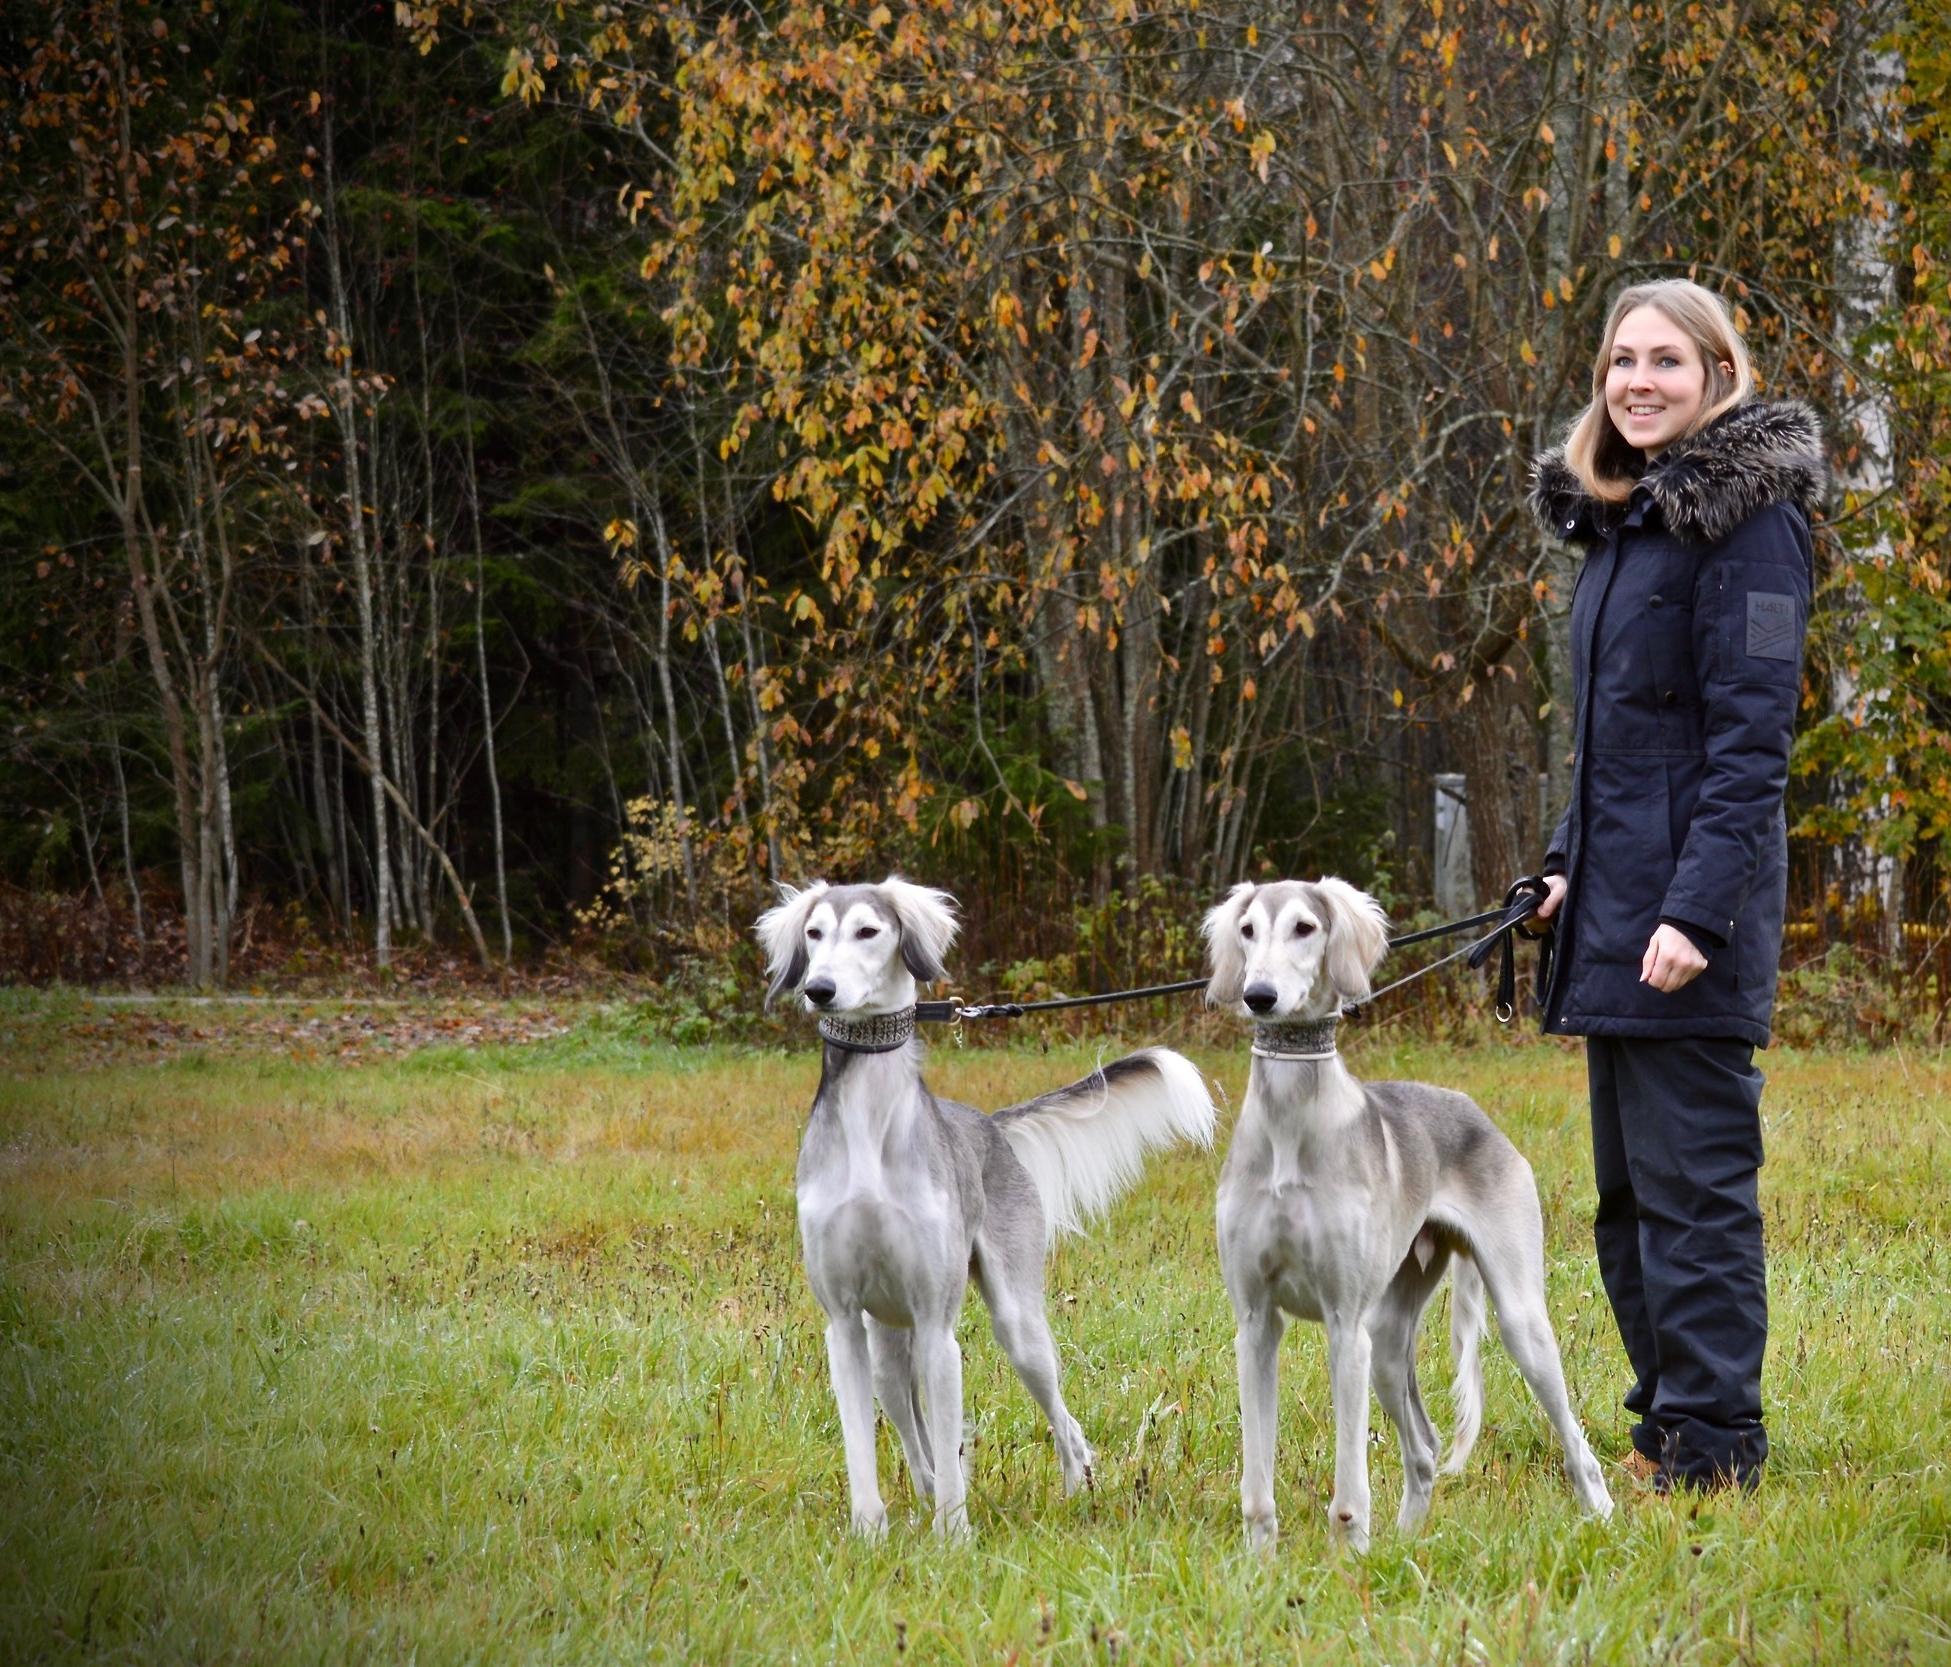 Sanni - Olen 28-vuotias eläintenkouluttaja Helsingistä. Alun perin olen kotoisin maaseudulta, missä olen viettänyt eläinten parissa koko ikäni. Aktiivisen koiraharrastuksen olen aloittanut 10-vuotiaana saatuani ensimmäisen oman koirani. Neljä vuotta myöhemmin aloin toimimaan koulutusohjaajana paikallisessa koirayhdistyksessä ollessani vain 14-vuotias. Tällä hetkellä kotoani löytyy kaksi salukipoikaa, joiden kanssa aikaani vietän niin pitkillä metsälenkeillä kuin näyttelykehien huumassa.Eläintenkouluttajan ammattitutkinnon (eläintenhoitaja erikoisosaamisalana eläintenkoulutus) olen suorittanut Helsingin Amiedussa. Tämän lisäksi olen valmistunut muotoilijaksi Hämeen ammattikorkeakoulusta sekä suorittanut kasvatustieteen perusopinnot Helsingin avoimessa yliopistossa, minkä koen hyödyksi myös nykyisessä työssäni. Kouluttajana haluan kehittyä jatkuvasti ja tartunkin mielelläni uusiin ja erilaisiin haasteisiin eläintenkouluttajan eettisiä sääntöjä noudattaen. Sekä eläimen että ihmisen hyvinvointi koulutustilanteessa on minulle ensiarvoisen tärkeää, minkä takia pohjaan koulutukseni koirakon yksilöllisten tarpeiden toteutumiseen.Koulutusmenetelmäni on käyttäytymistieteisiin pohjautuen operantti ehdollistaminen. Vahvisteita käyttämällä toivotunlainen käytös tehdään eläimelle kannattavaksi ja ei-toivottu kannattamattomaksi. Ennaltaehkäisevällä koulutuksella ei-toivottu käytös pyritään kitkemään ennen kuin varsinaisia ongelmia syntyy, jolloin myös eläin välttyy turhalta stressiltä. Iloinen koira sekä sujuva yhteistyö koirakon välillä ovat keskeisimmät avaimet molemmille mielekkääseen, tehokkaaseen oppimiseen!